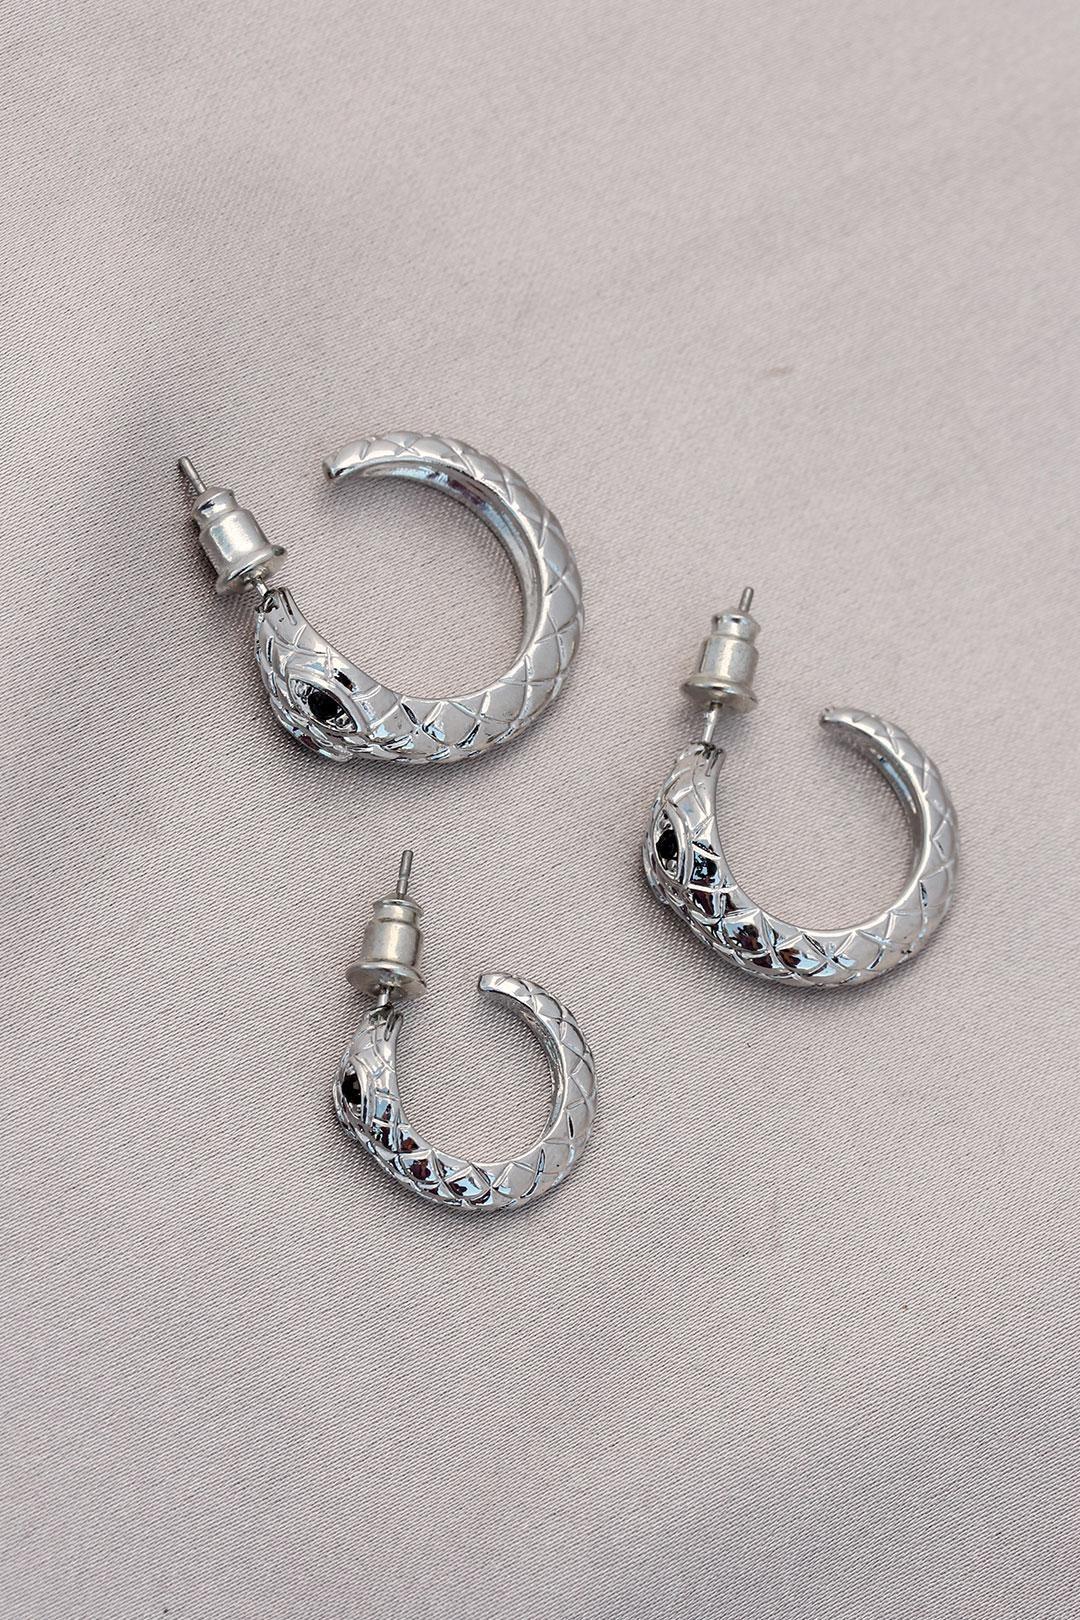 Yılan Tasarımlı Halka Model Gümüş Metal Küpe Seti